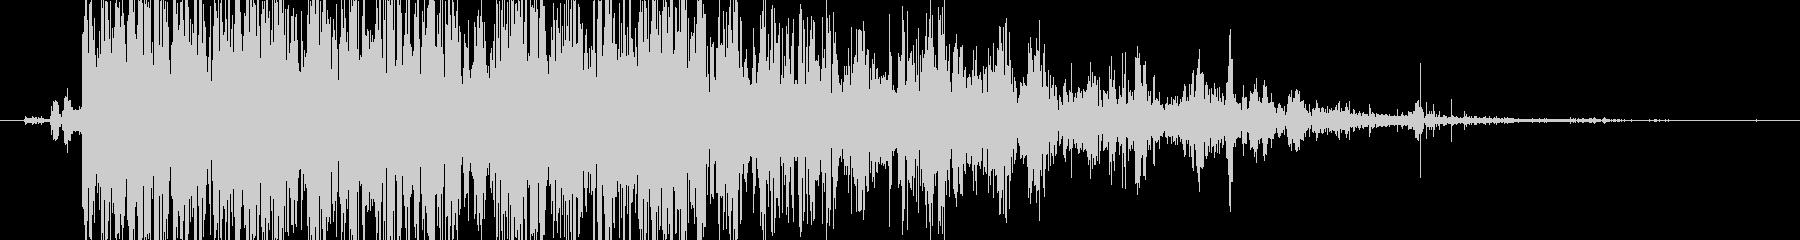 ロック 大きなロールドロップ02の未再生の波形